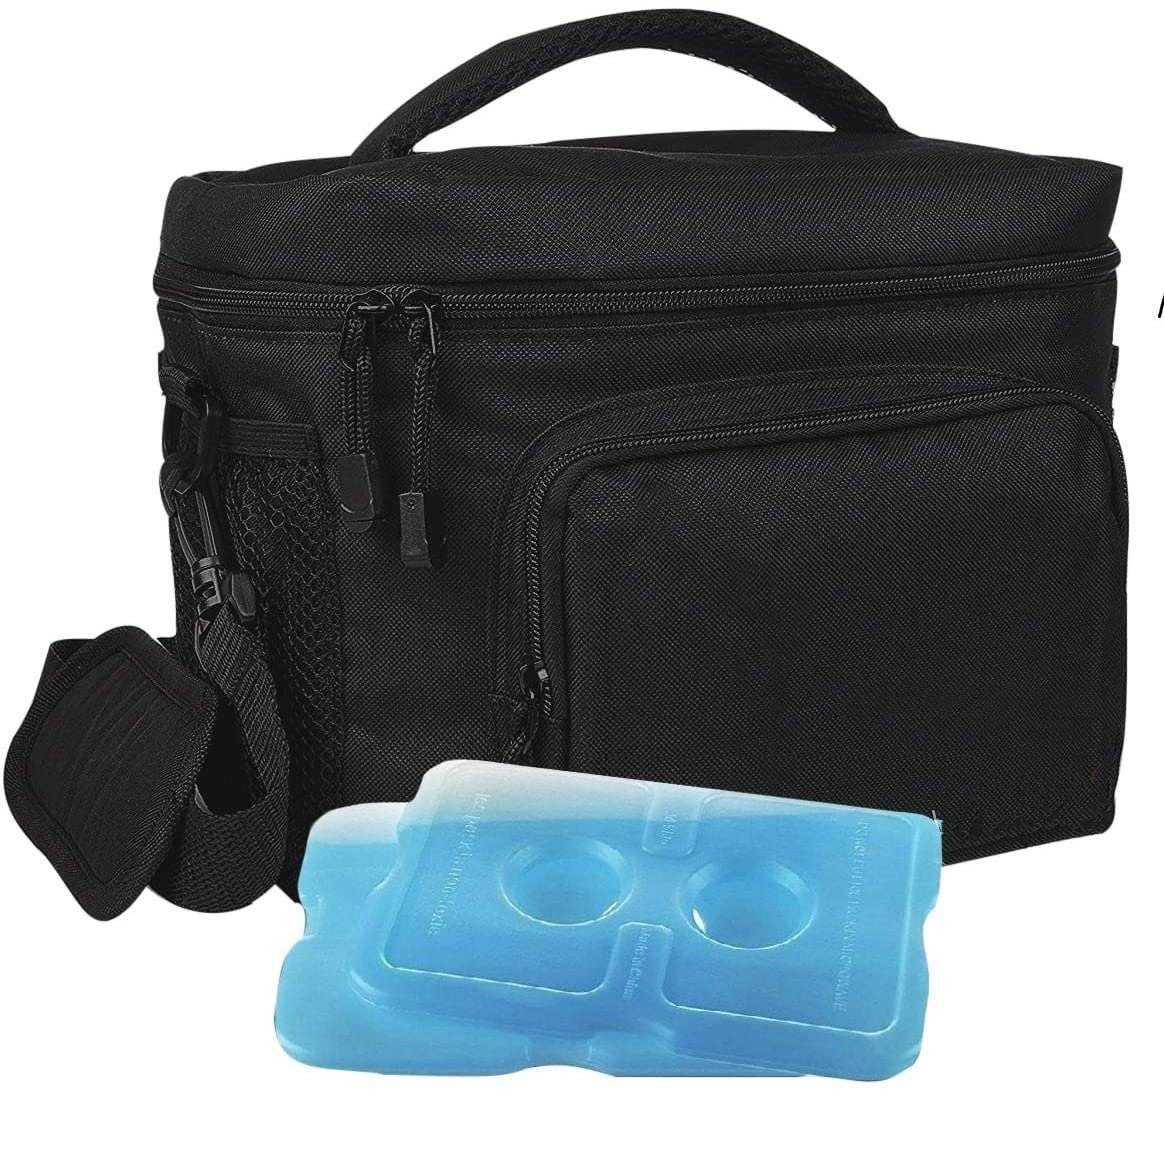 무료 샘플 절연 점심 가방 쿨러 토트 쿨러 아이스 팩 쉬운 점심 가방 병 여행 캠핑 가방